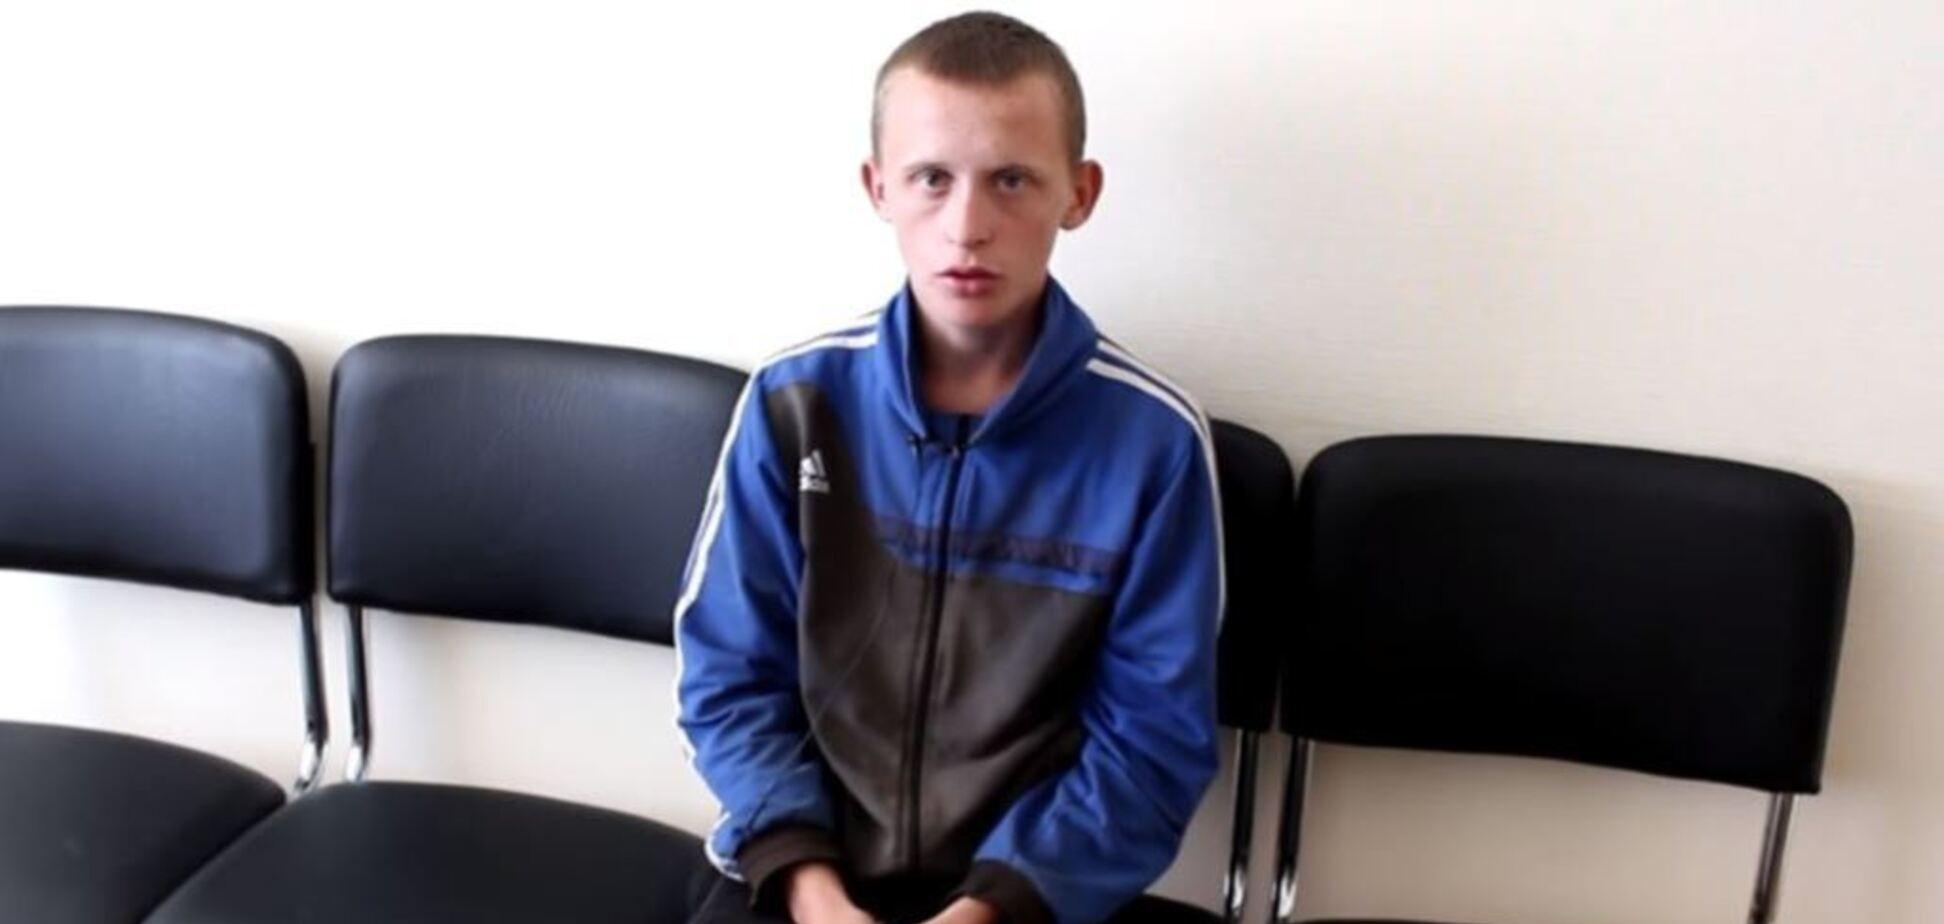 Владислав Пазушко, один з підлітків, незаконно схоплених в Ясинуватої в 2016 році